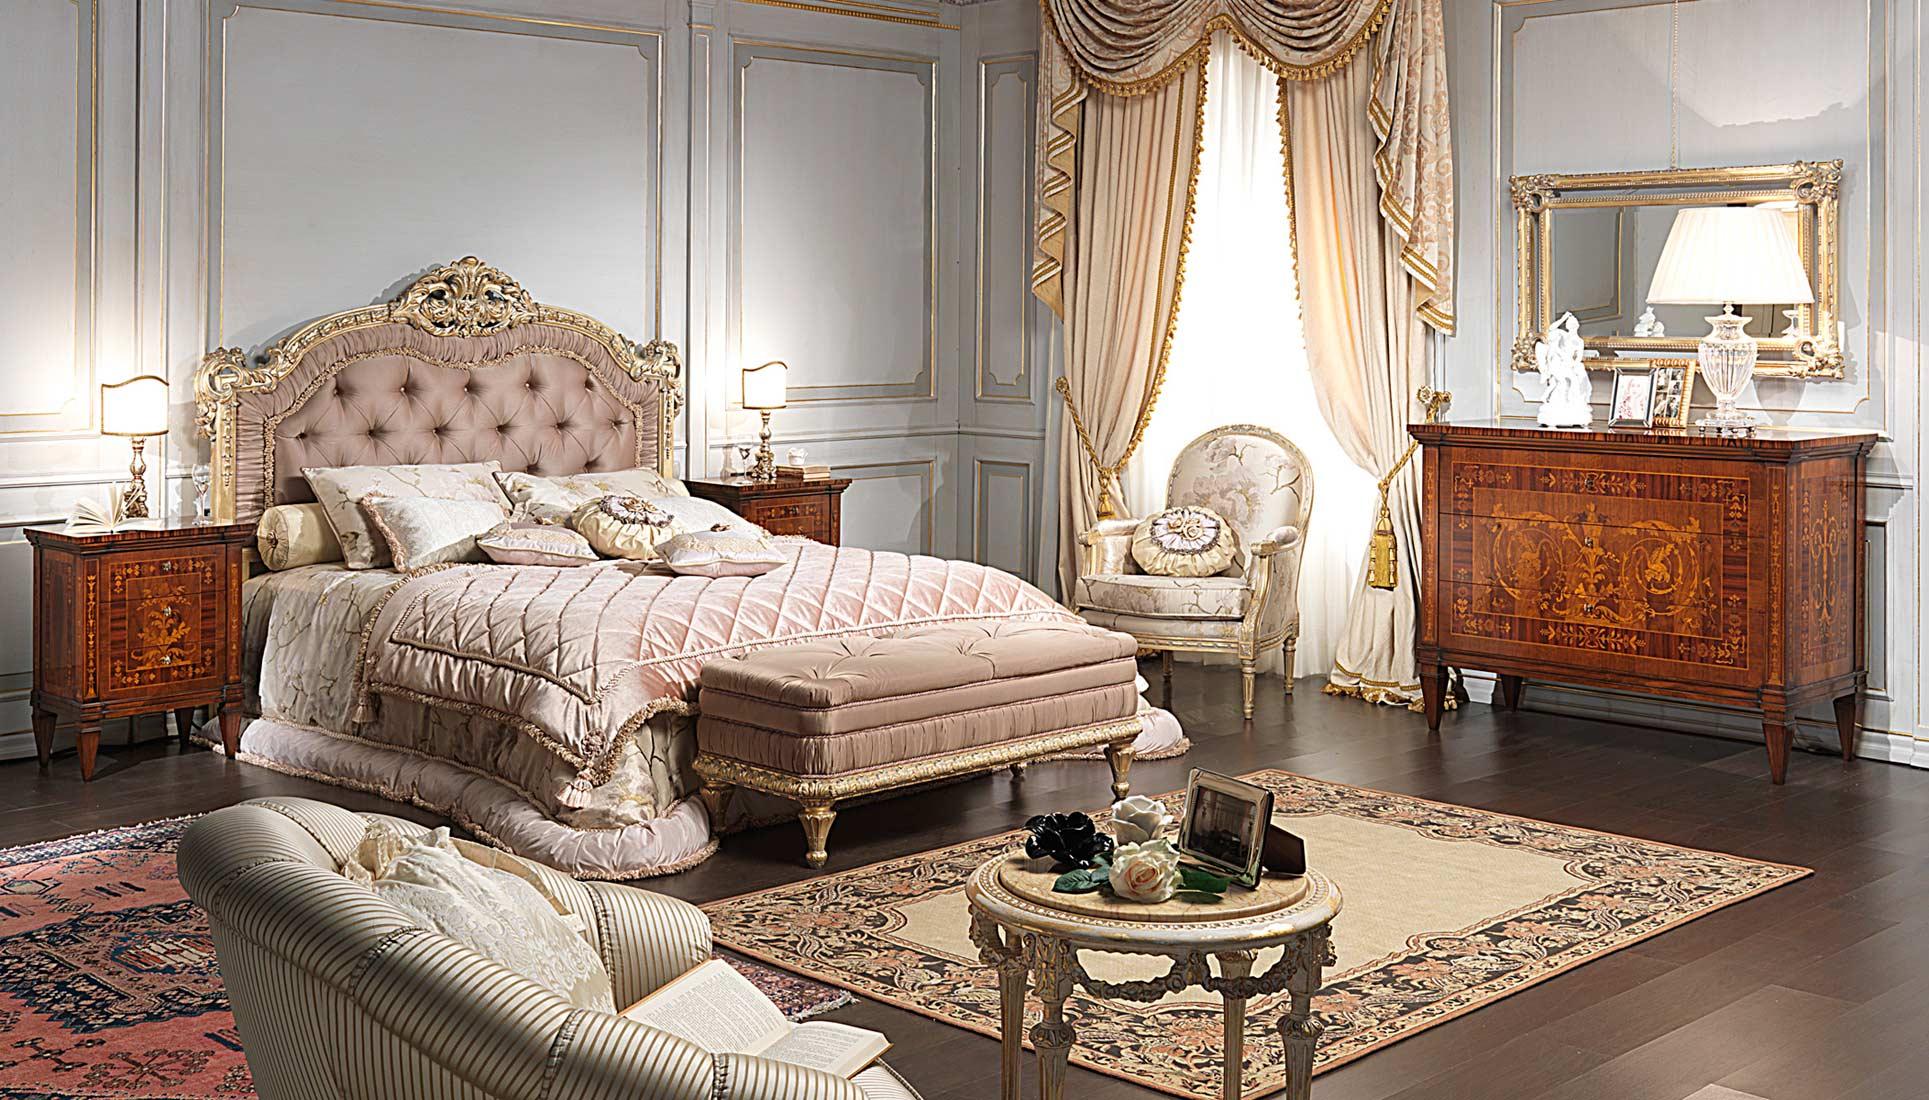 Camera da letto classica I Maggiolini, letto capitonné, comodini ...